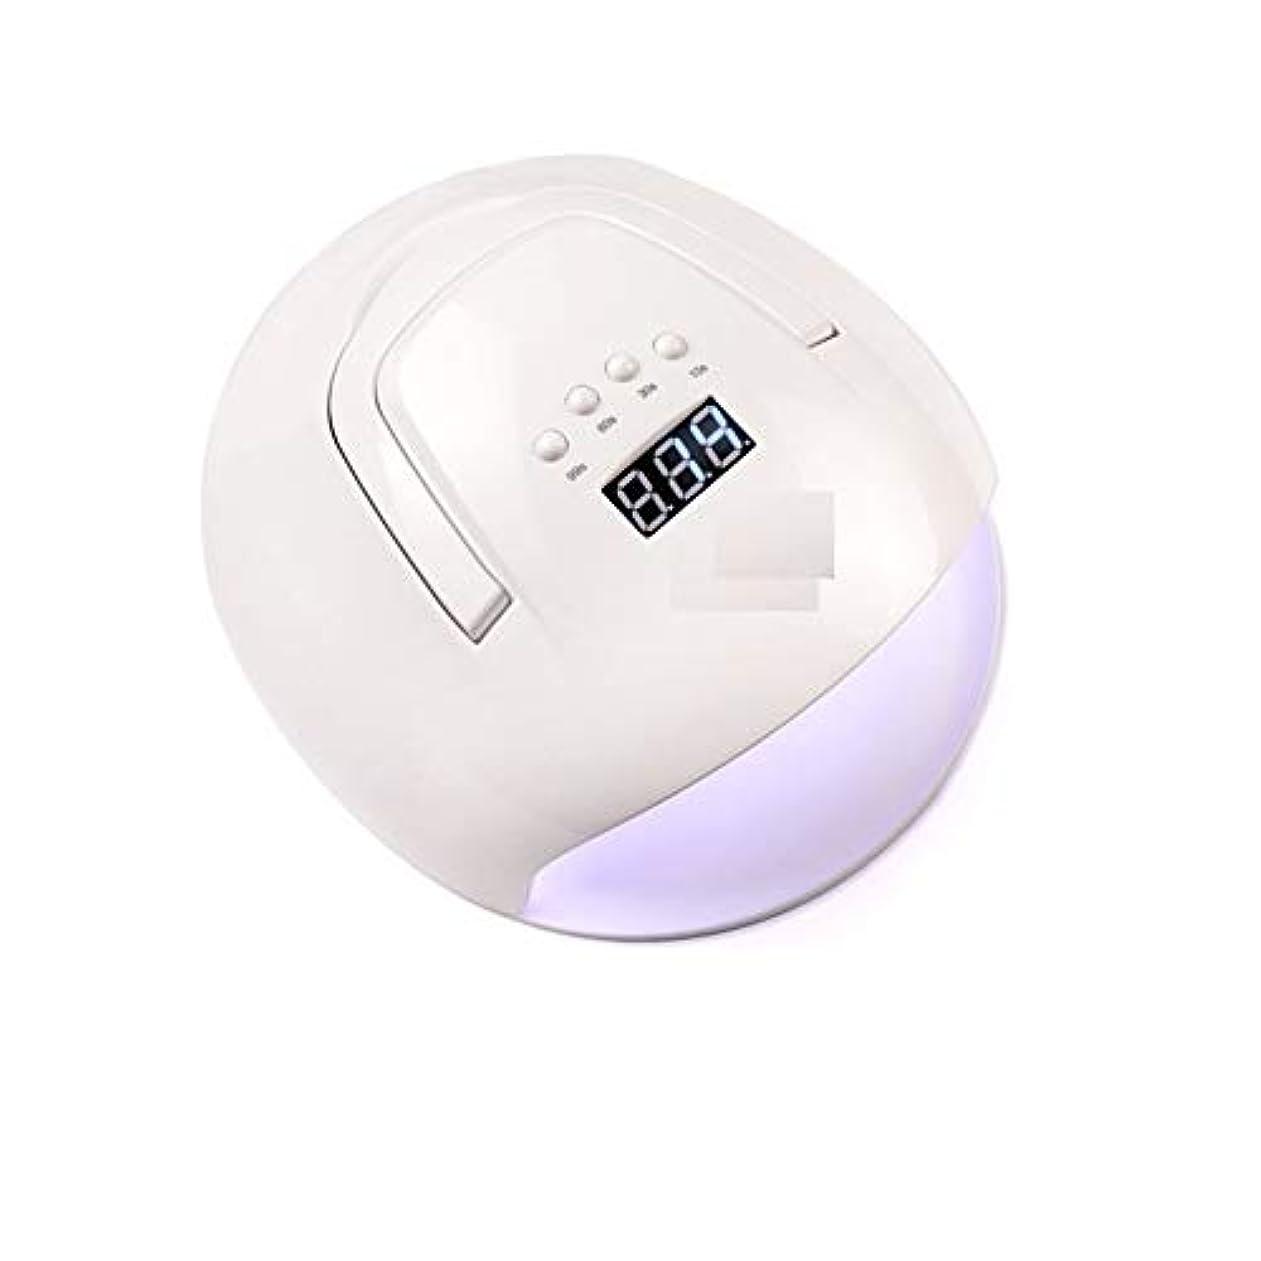 科学的再現する洞察力のあるLittleCat 機械光線療法ポータブルLEDランプ108W赤外線センサーポーランドプラスチック熱ランプドライヤーネイル (色 : American standard flat plug)